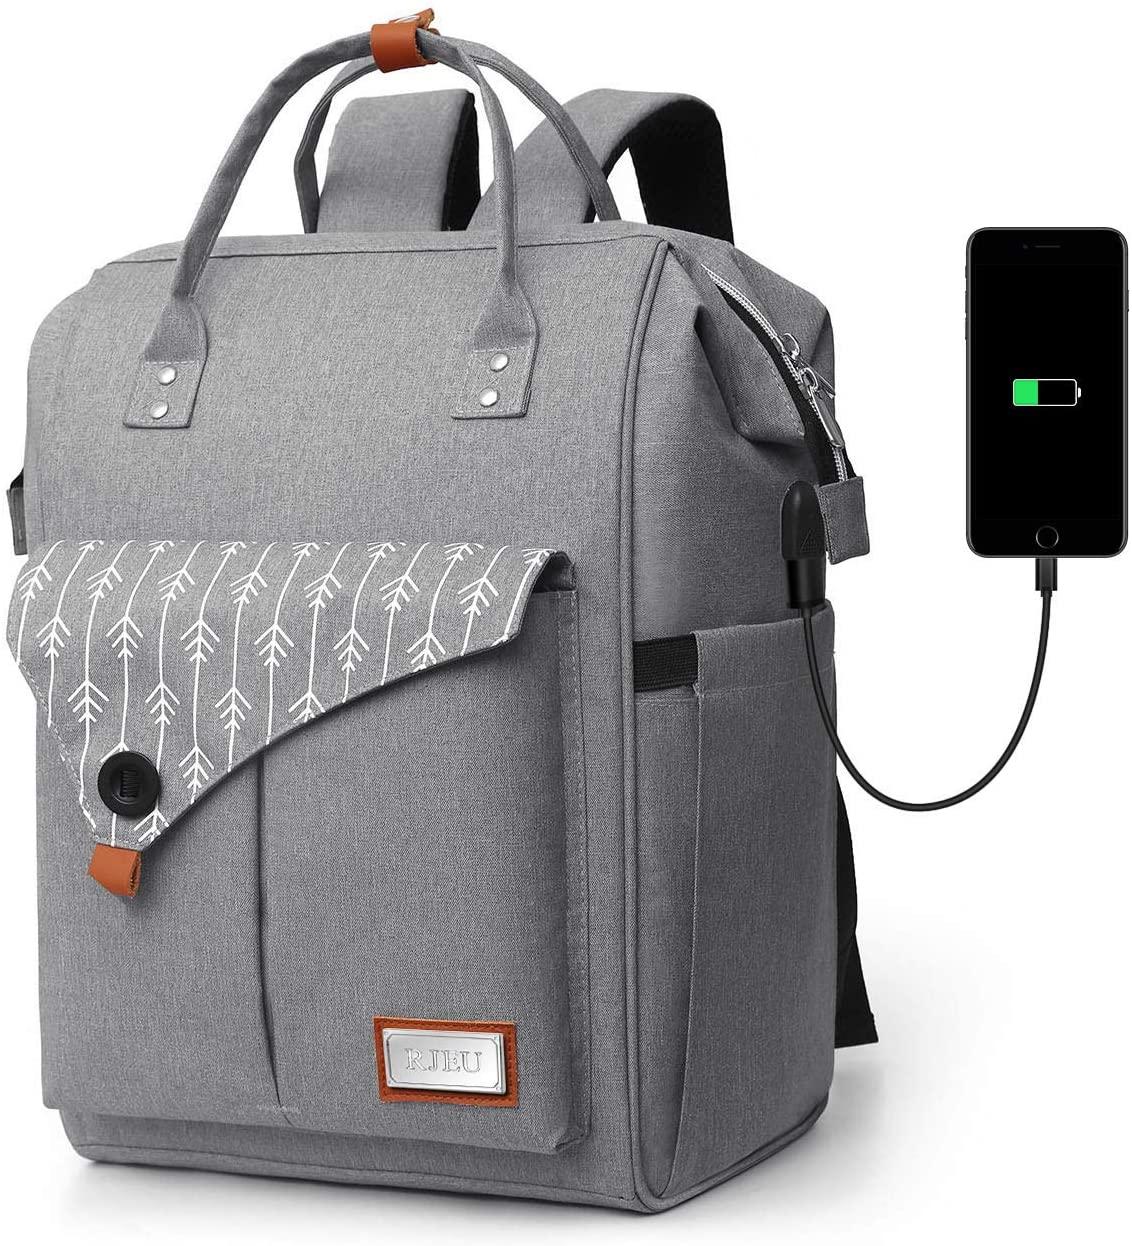 Zaino per Computer Portatile con caricatore USB